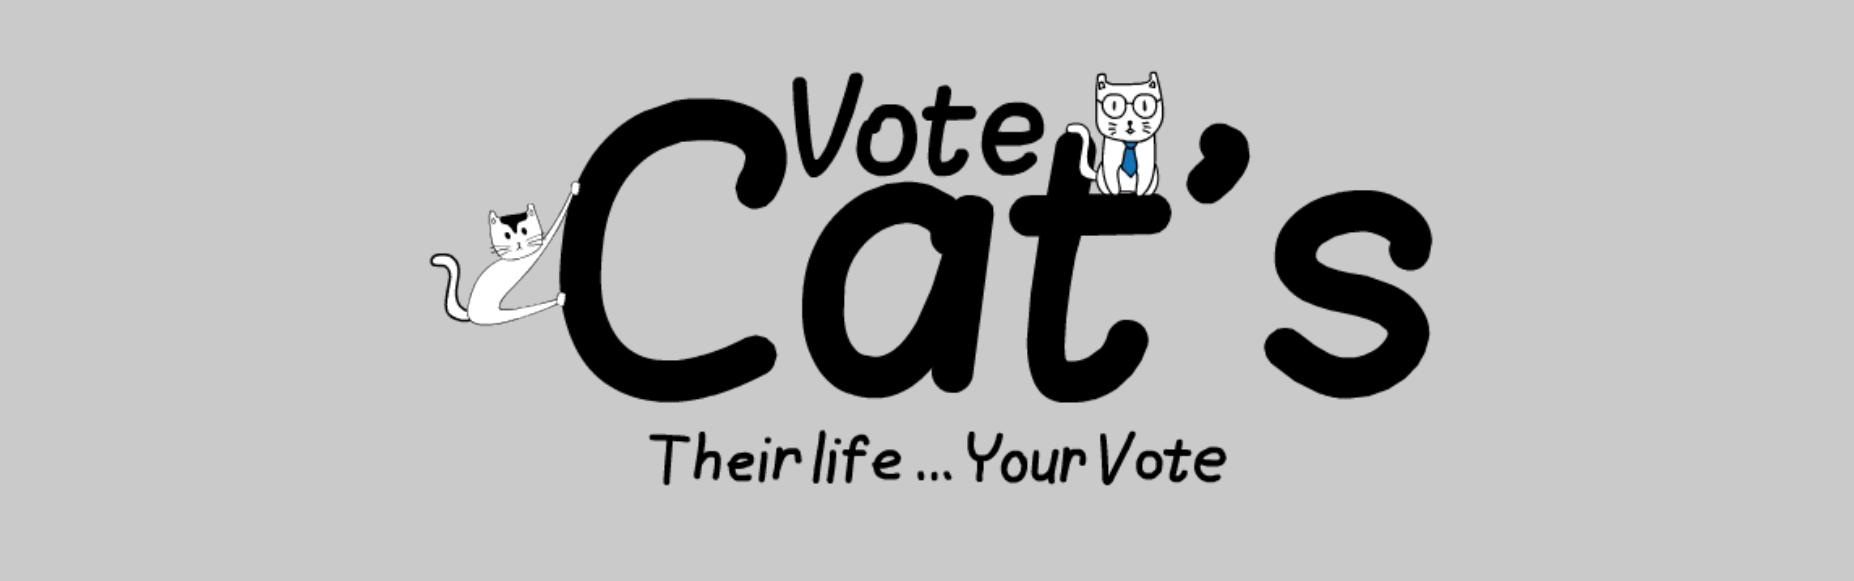 Cat's Vote